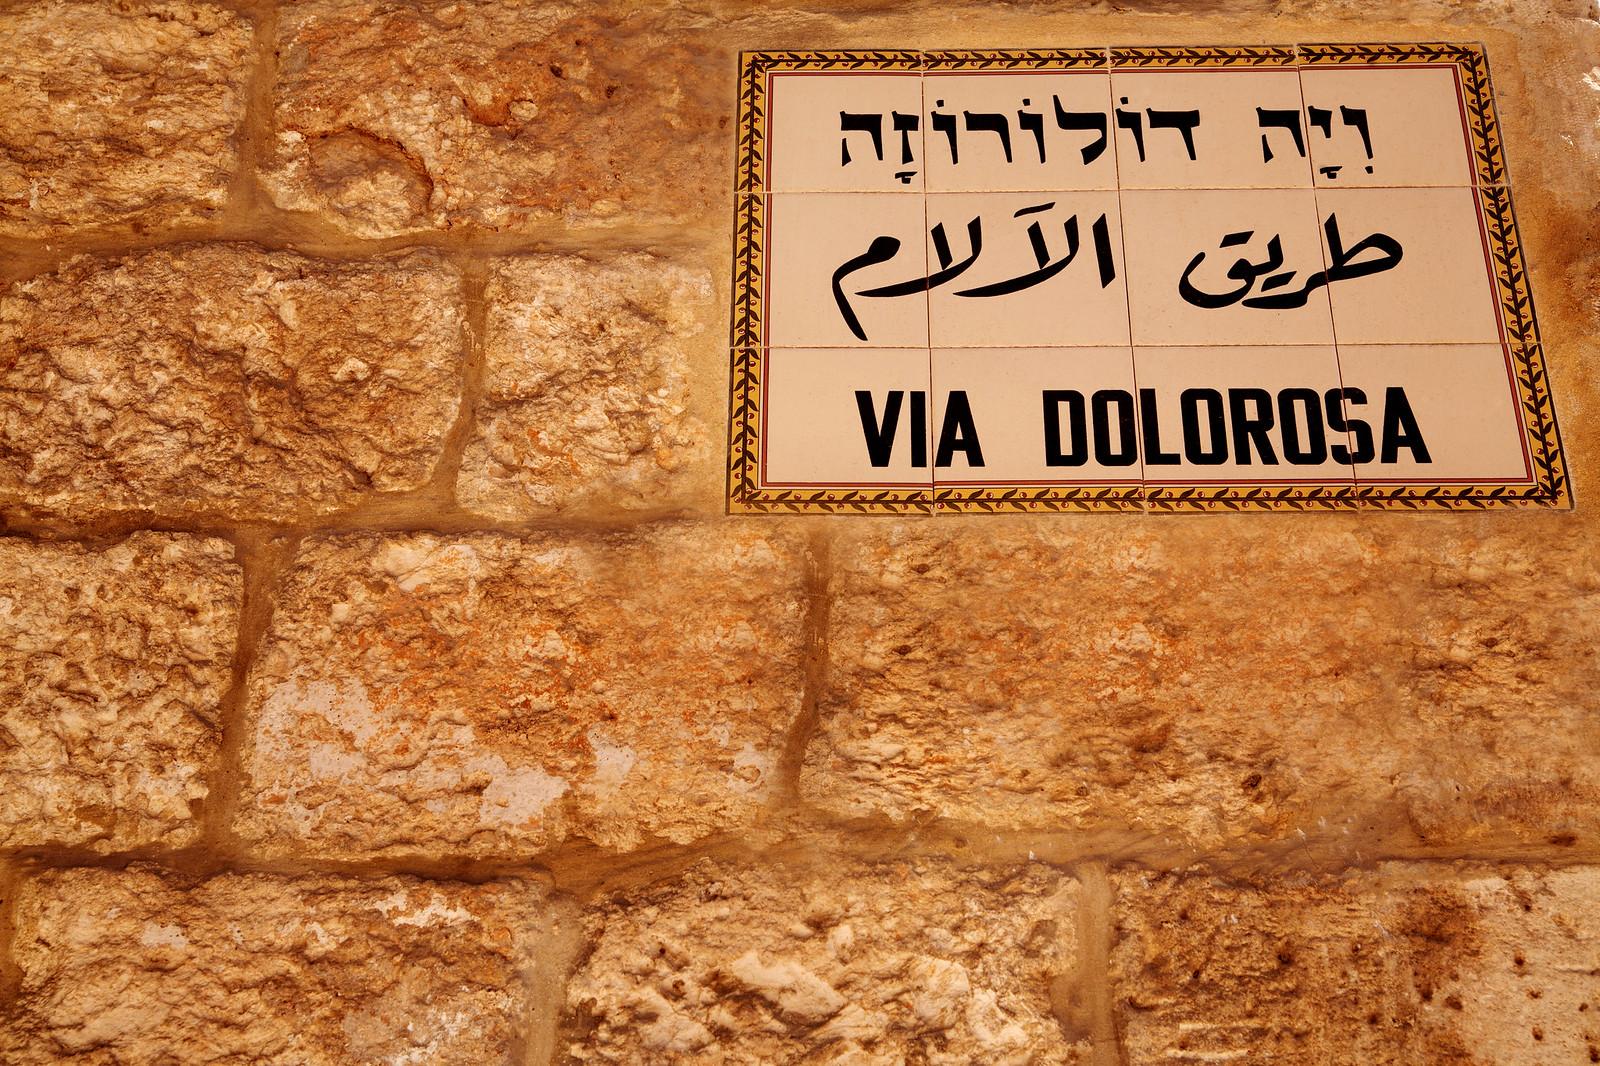 Jerusalem_Via Dolorosa_NoamChen_IMOT